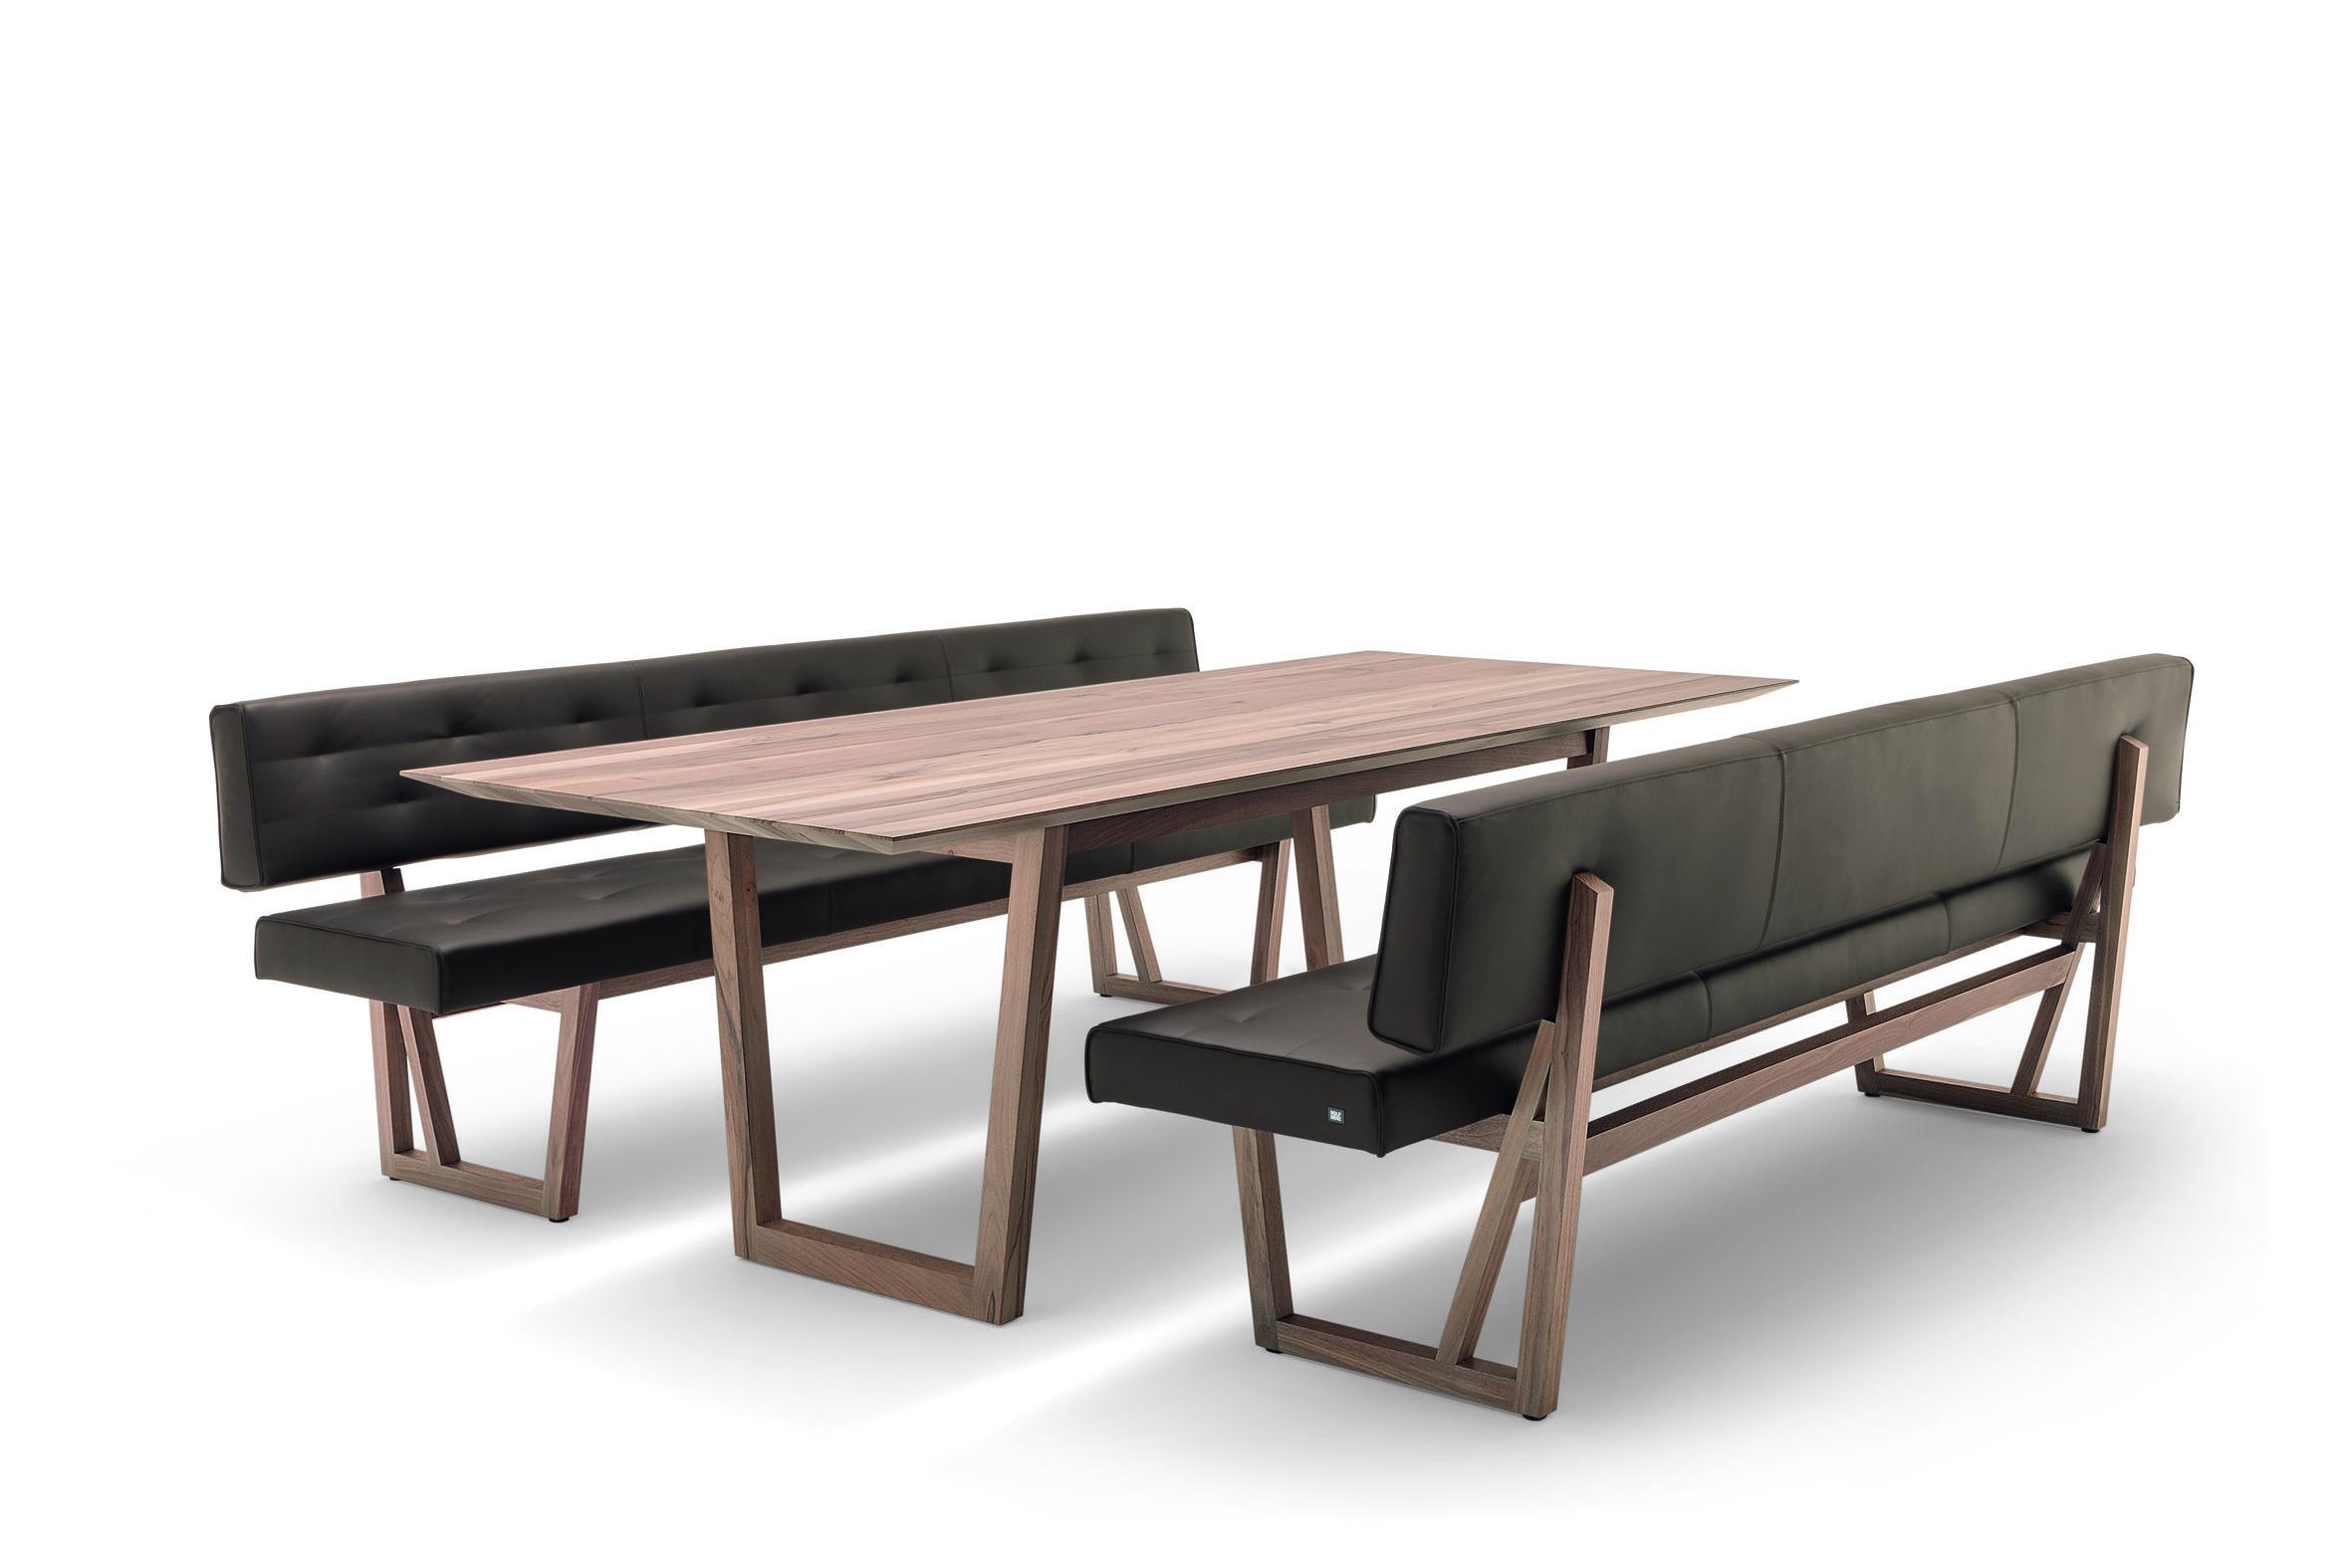 Rolf Benz 624 Upholstered Bench Rolf Benz 924 Table Furniture Design Furniture Modern Dining Room